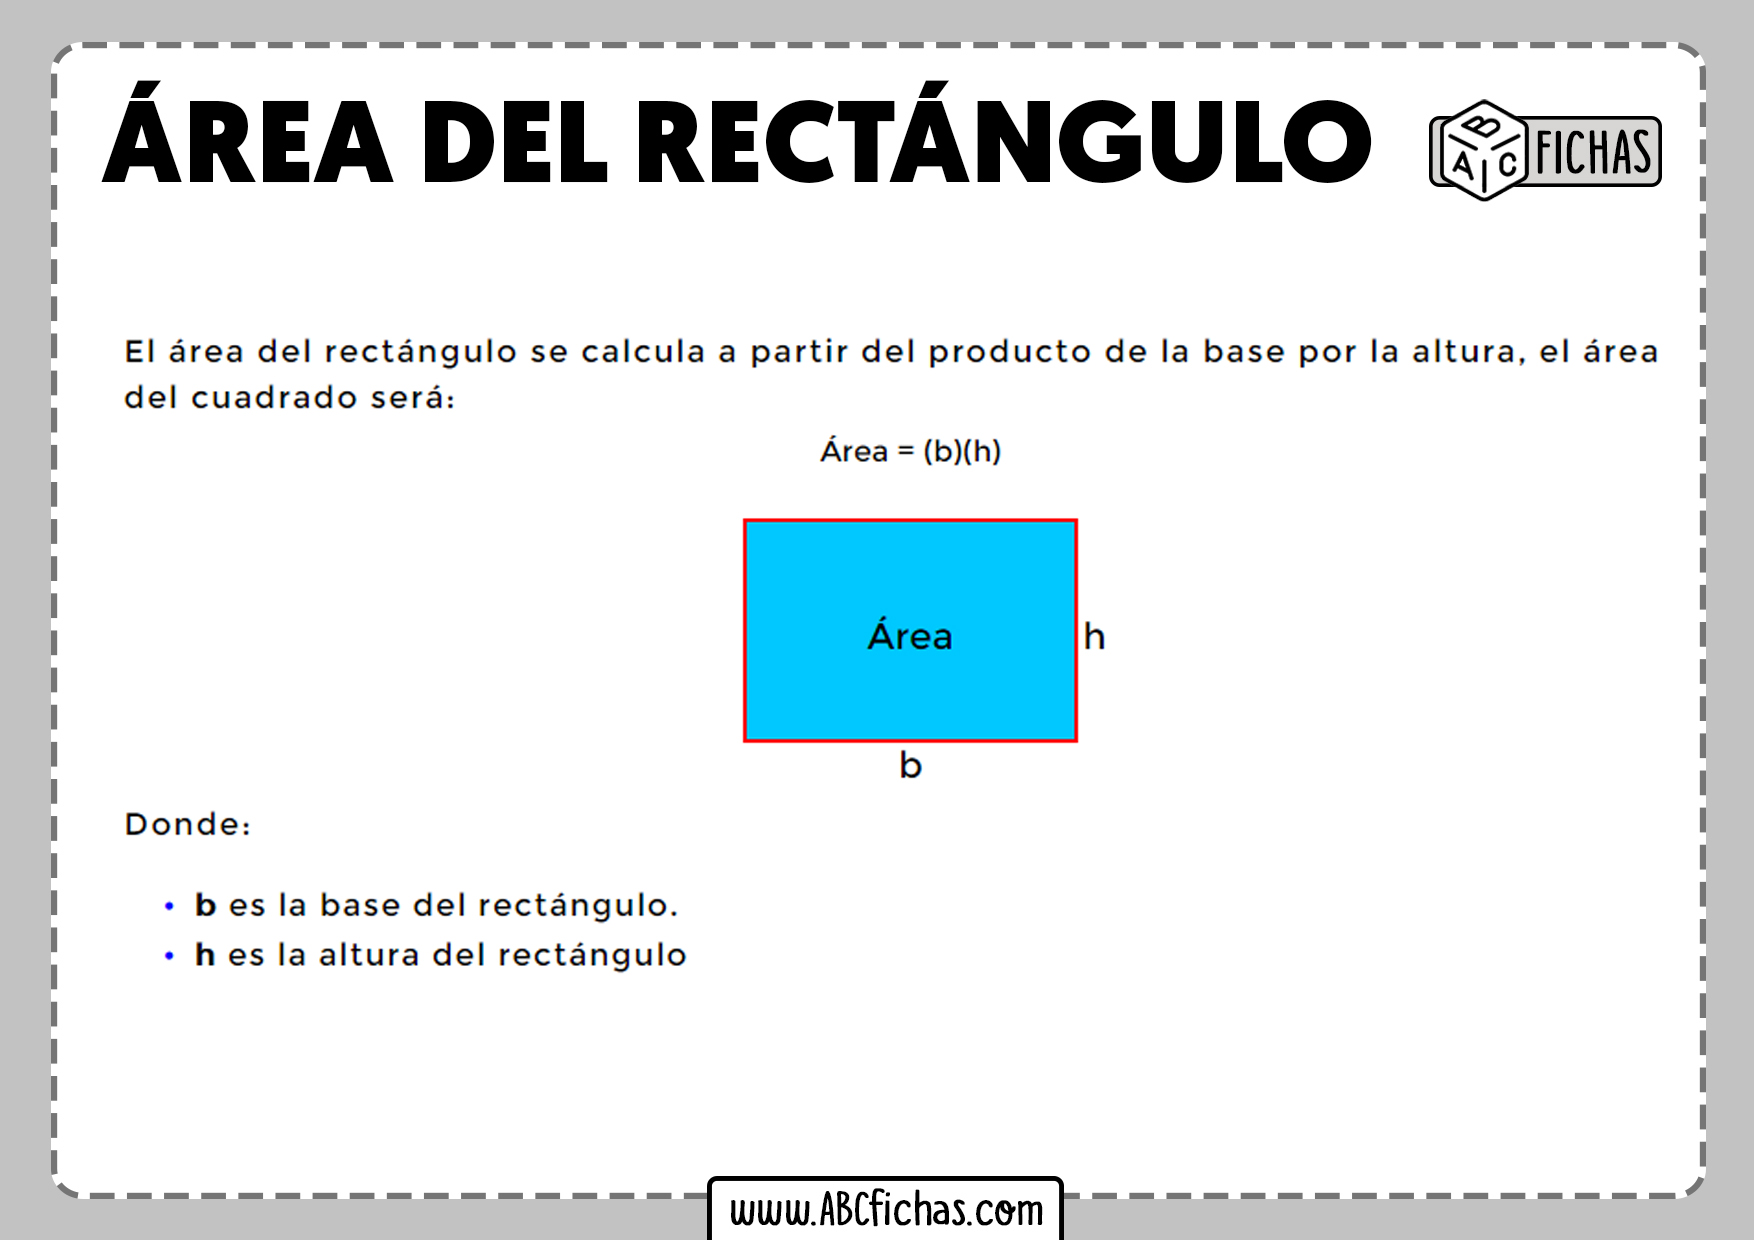 Como calcular el area del rectangulo